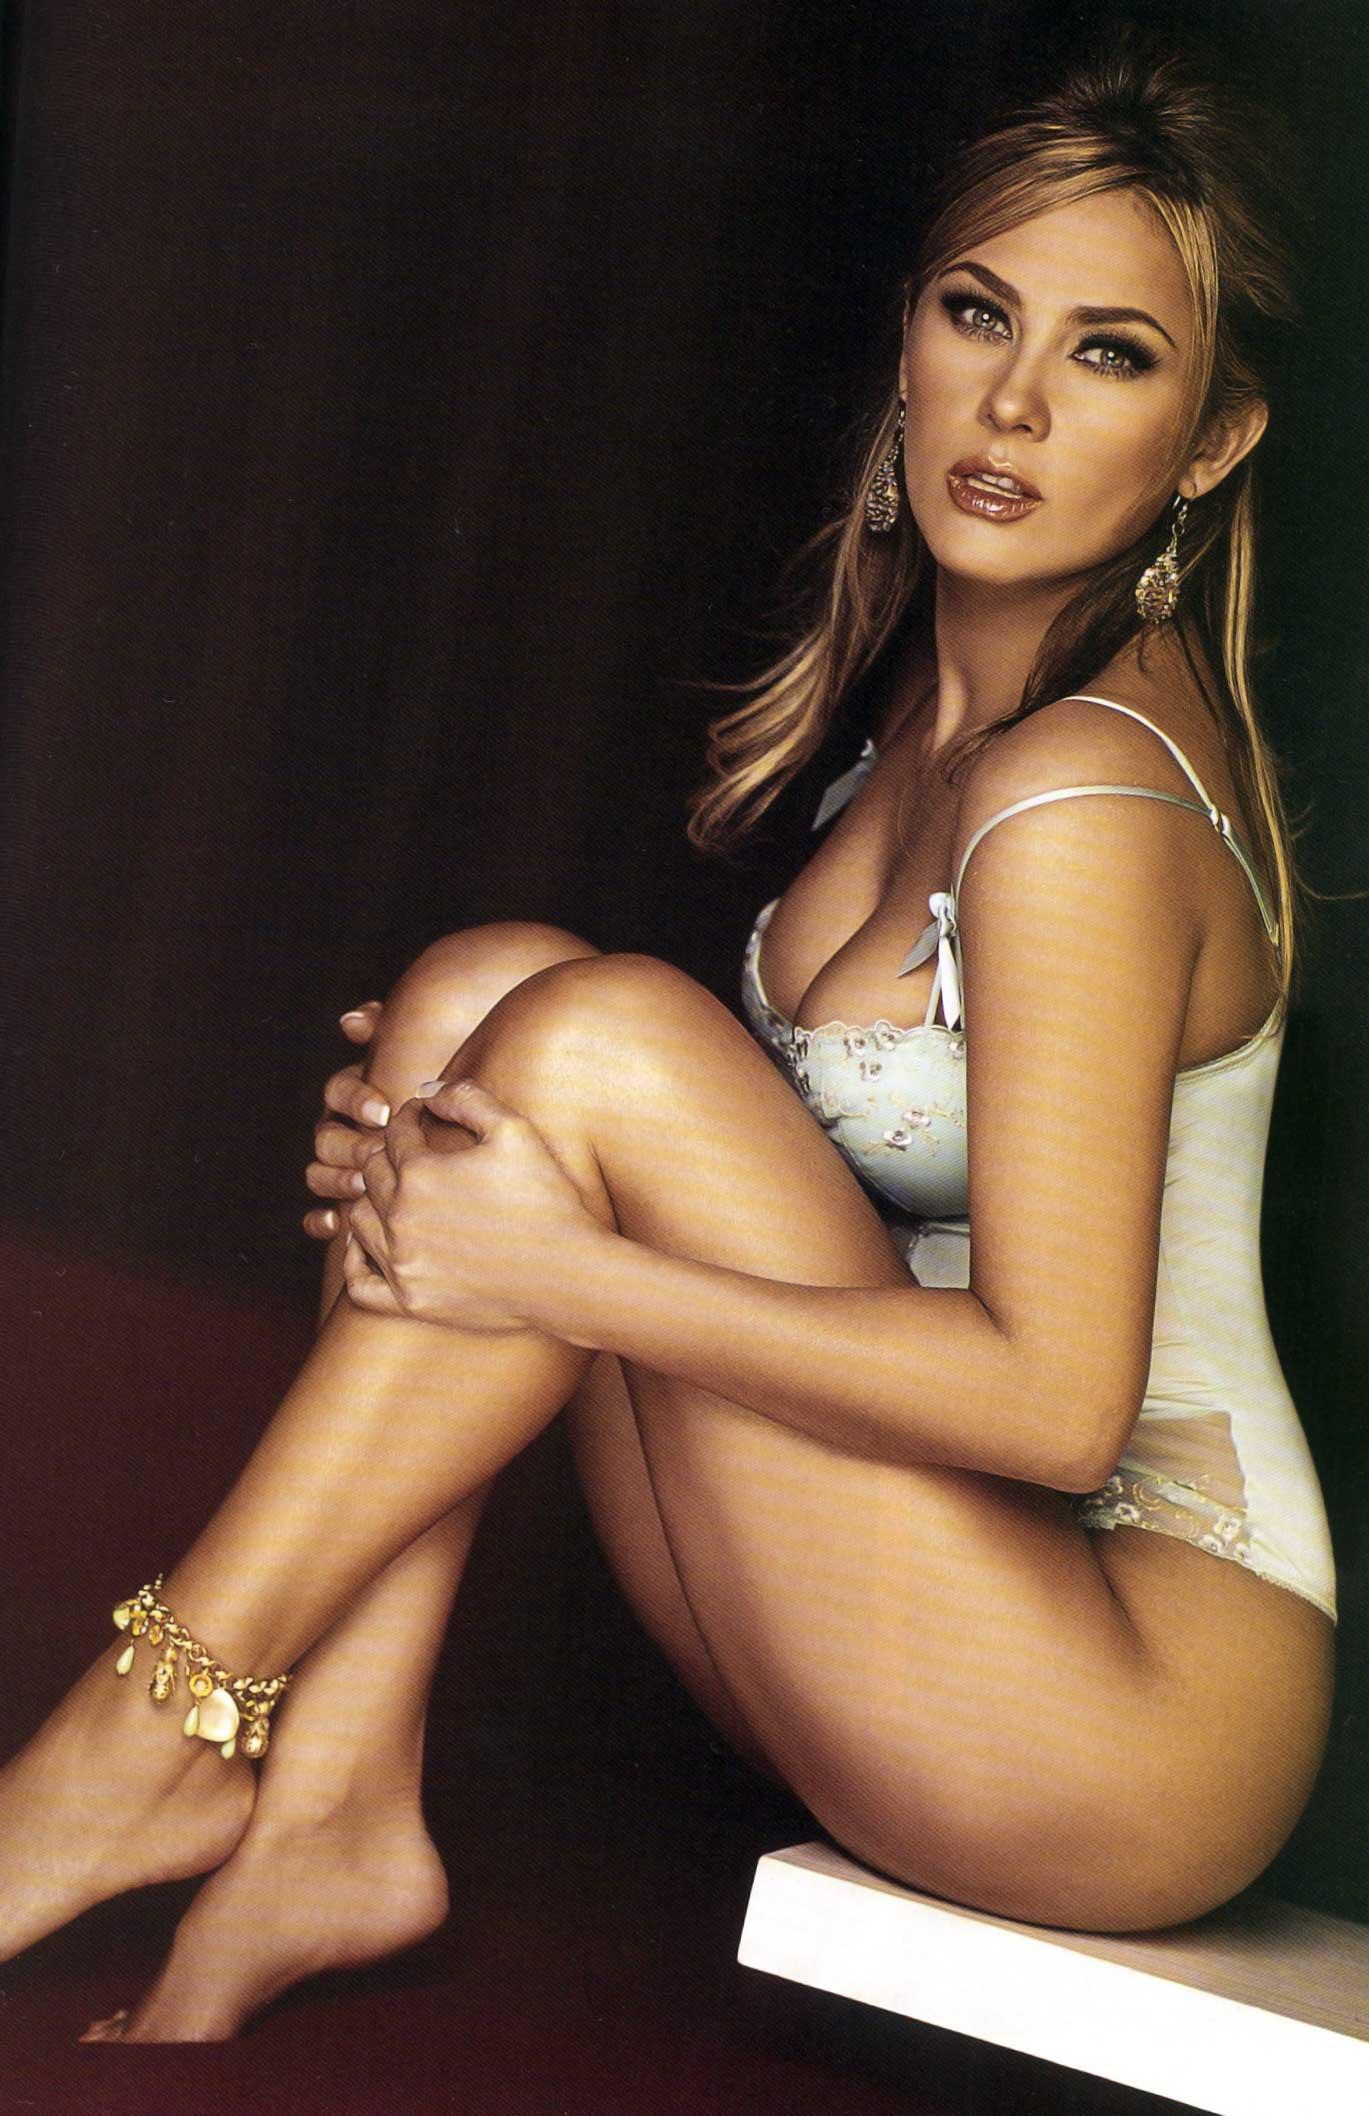 Geraldine Bazan desnuda en H Extremo. | MarcianosX.com